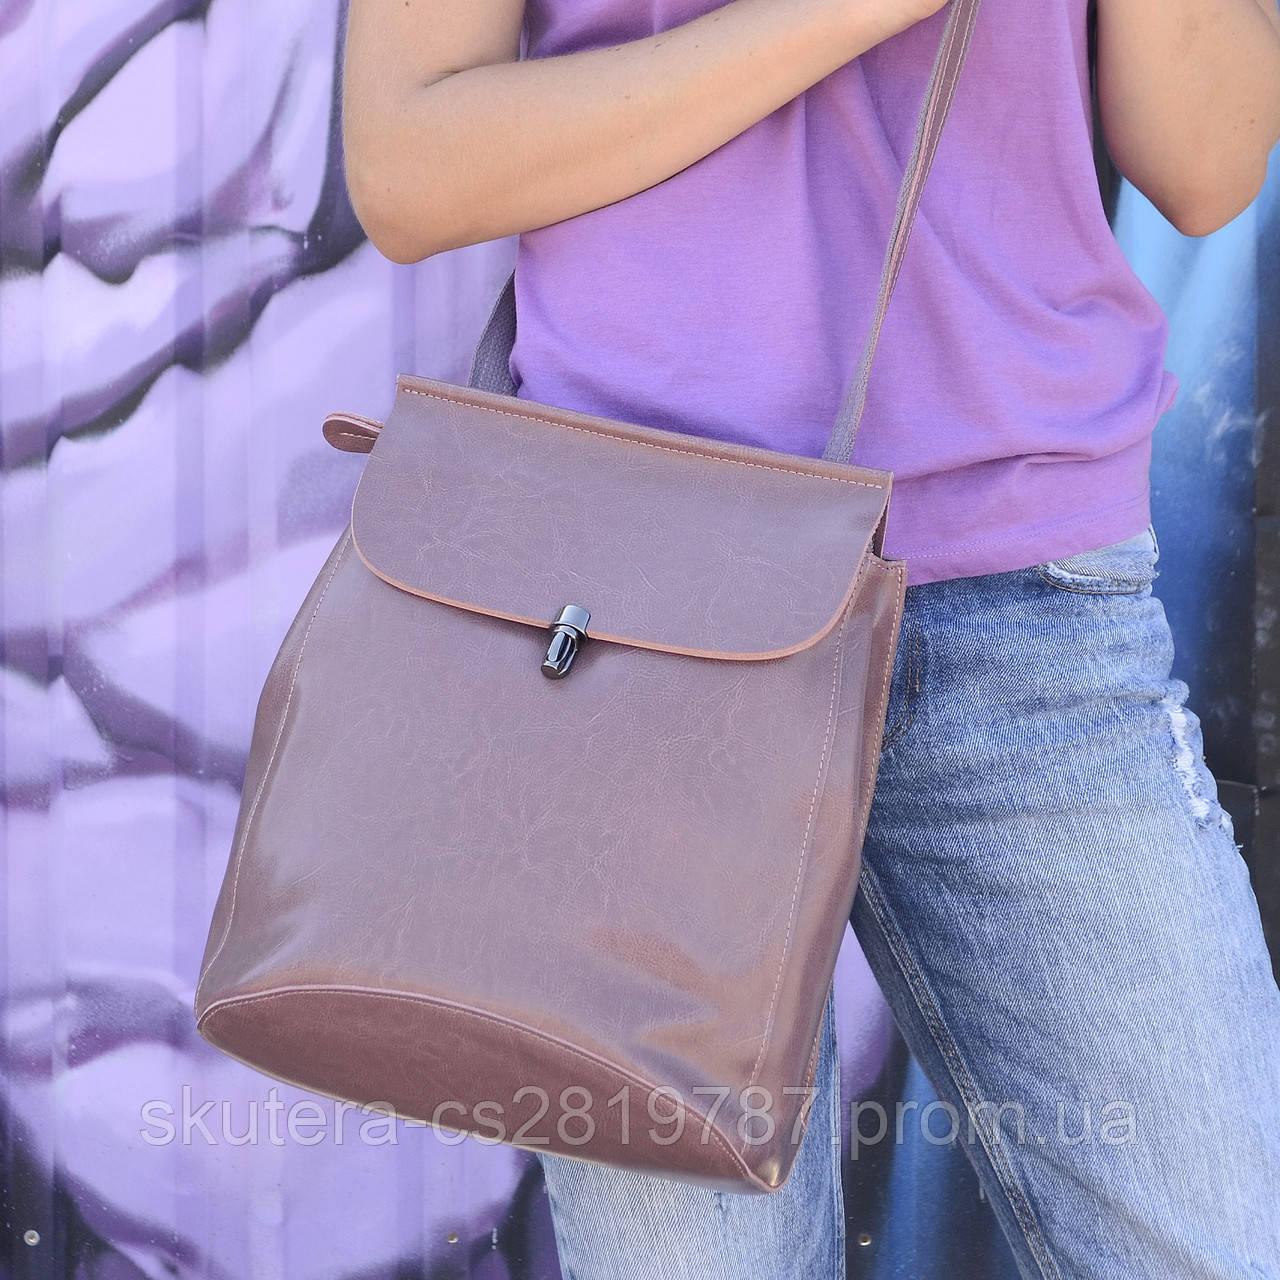 """Молодежный кожаный рюкзак, сумка (трансформер) """"Кристи Lilac"""", фото 1"""